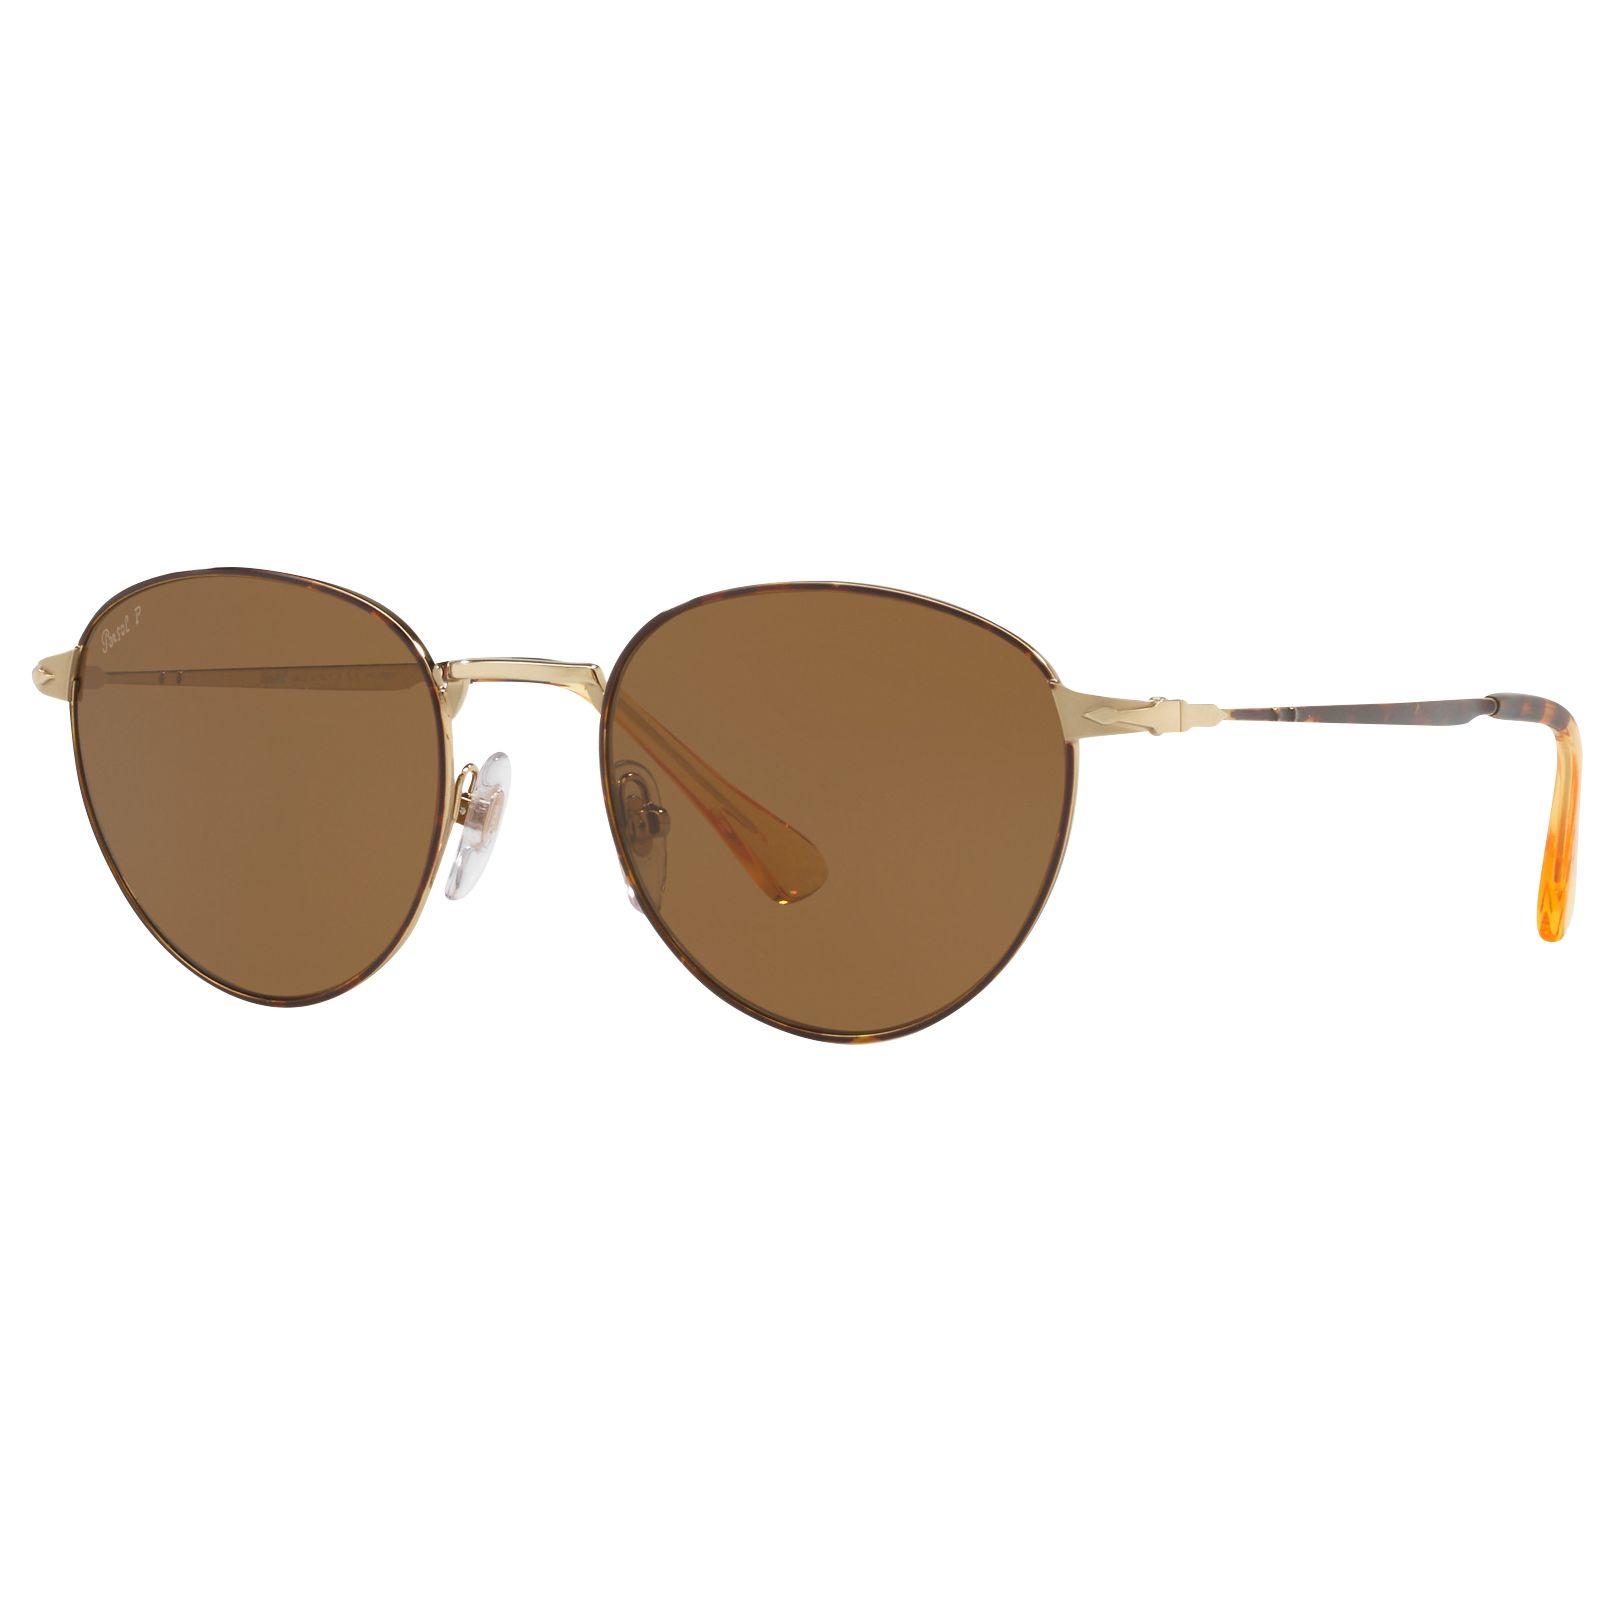 Persol Persol PO2445S Polarised Oval Sunglasses